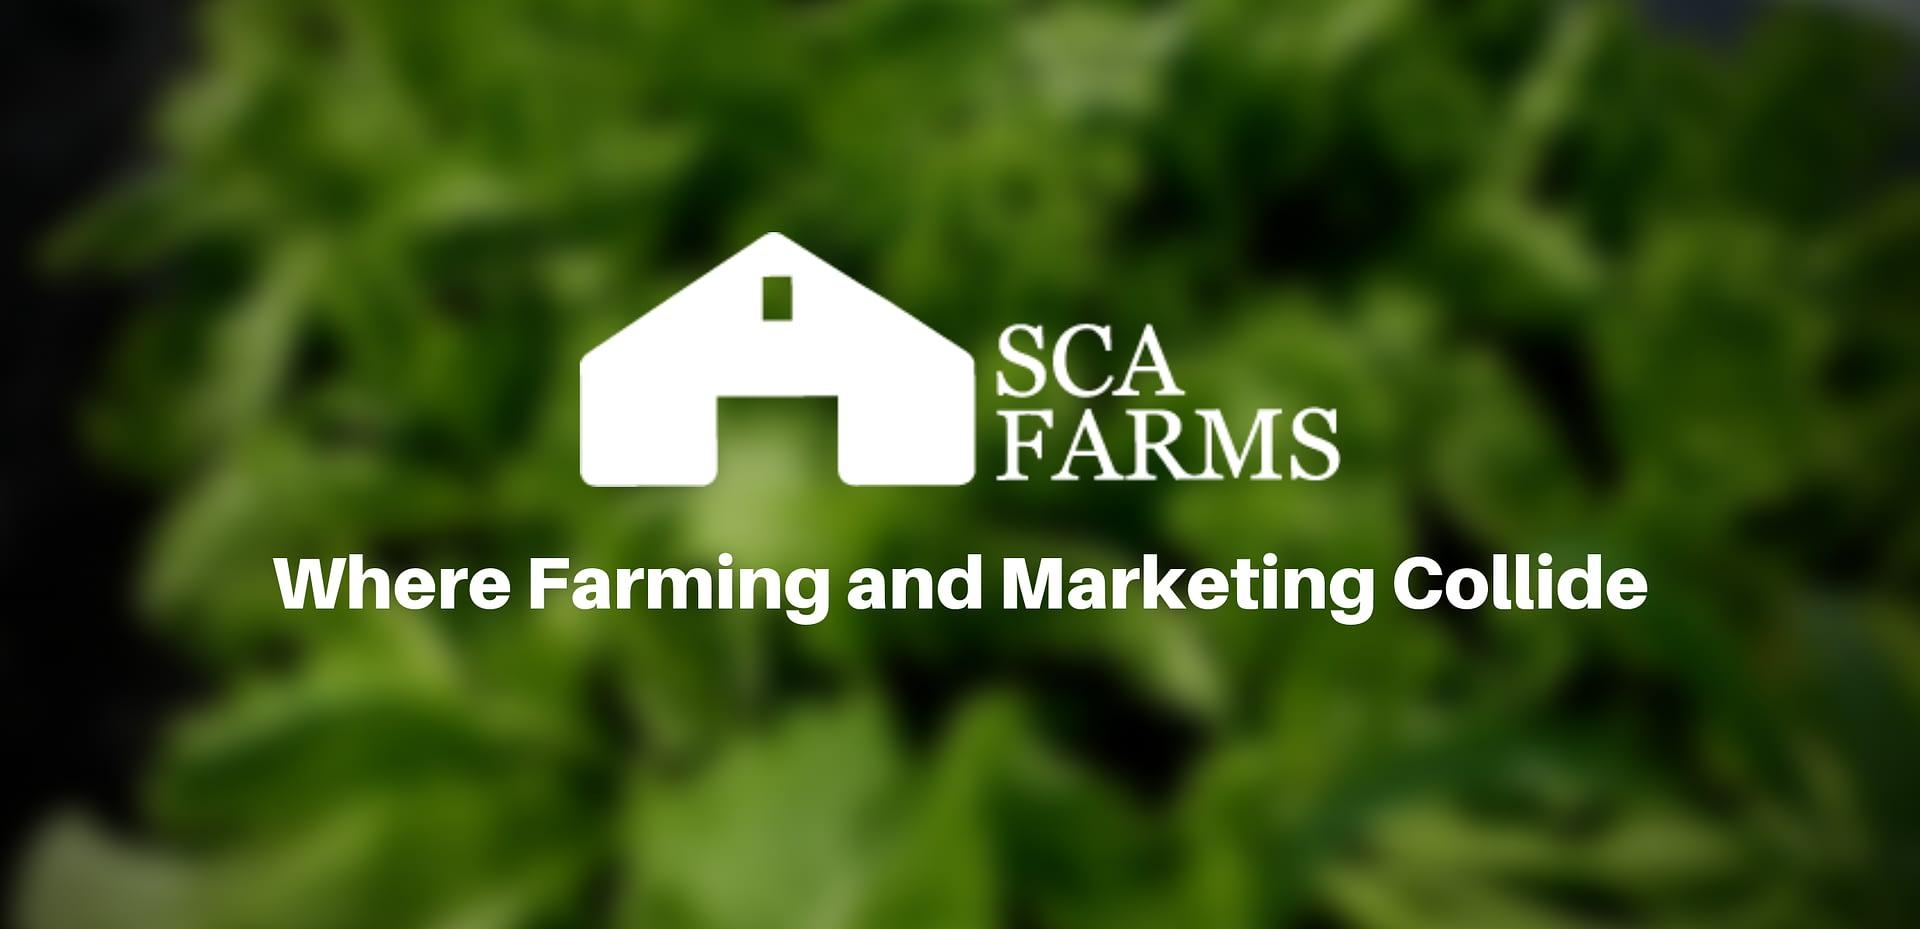 SCA Farms Image_bg